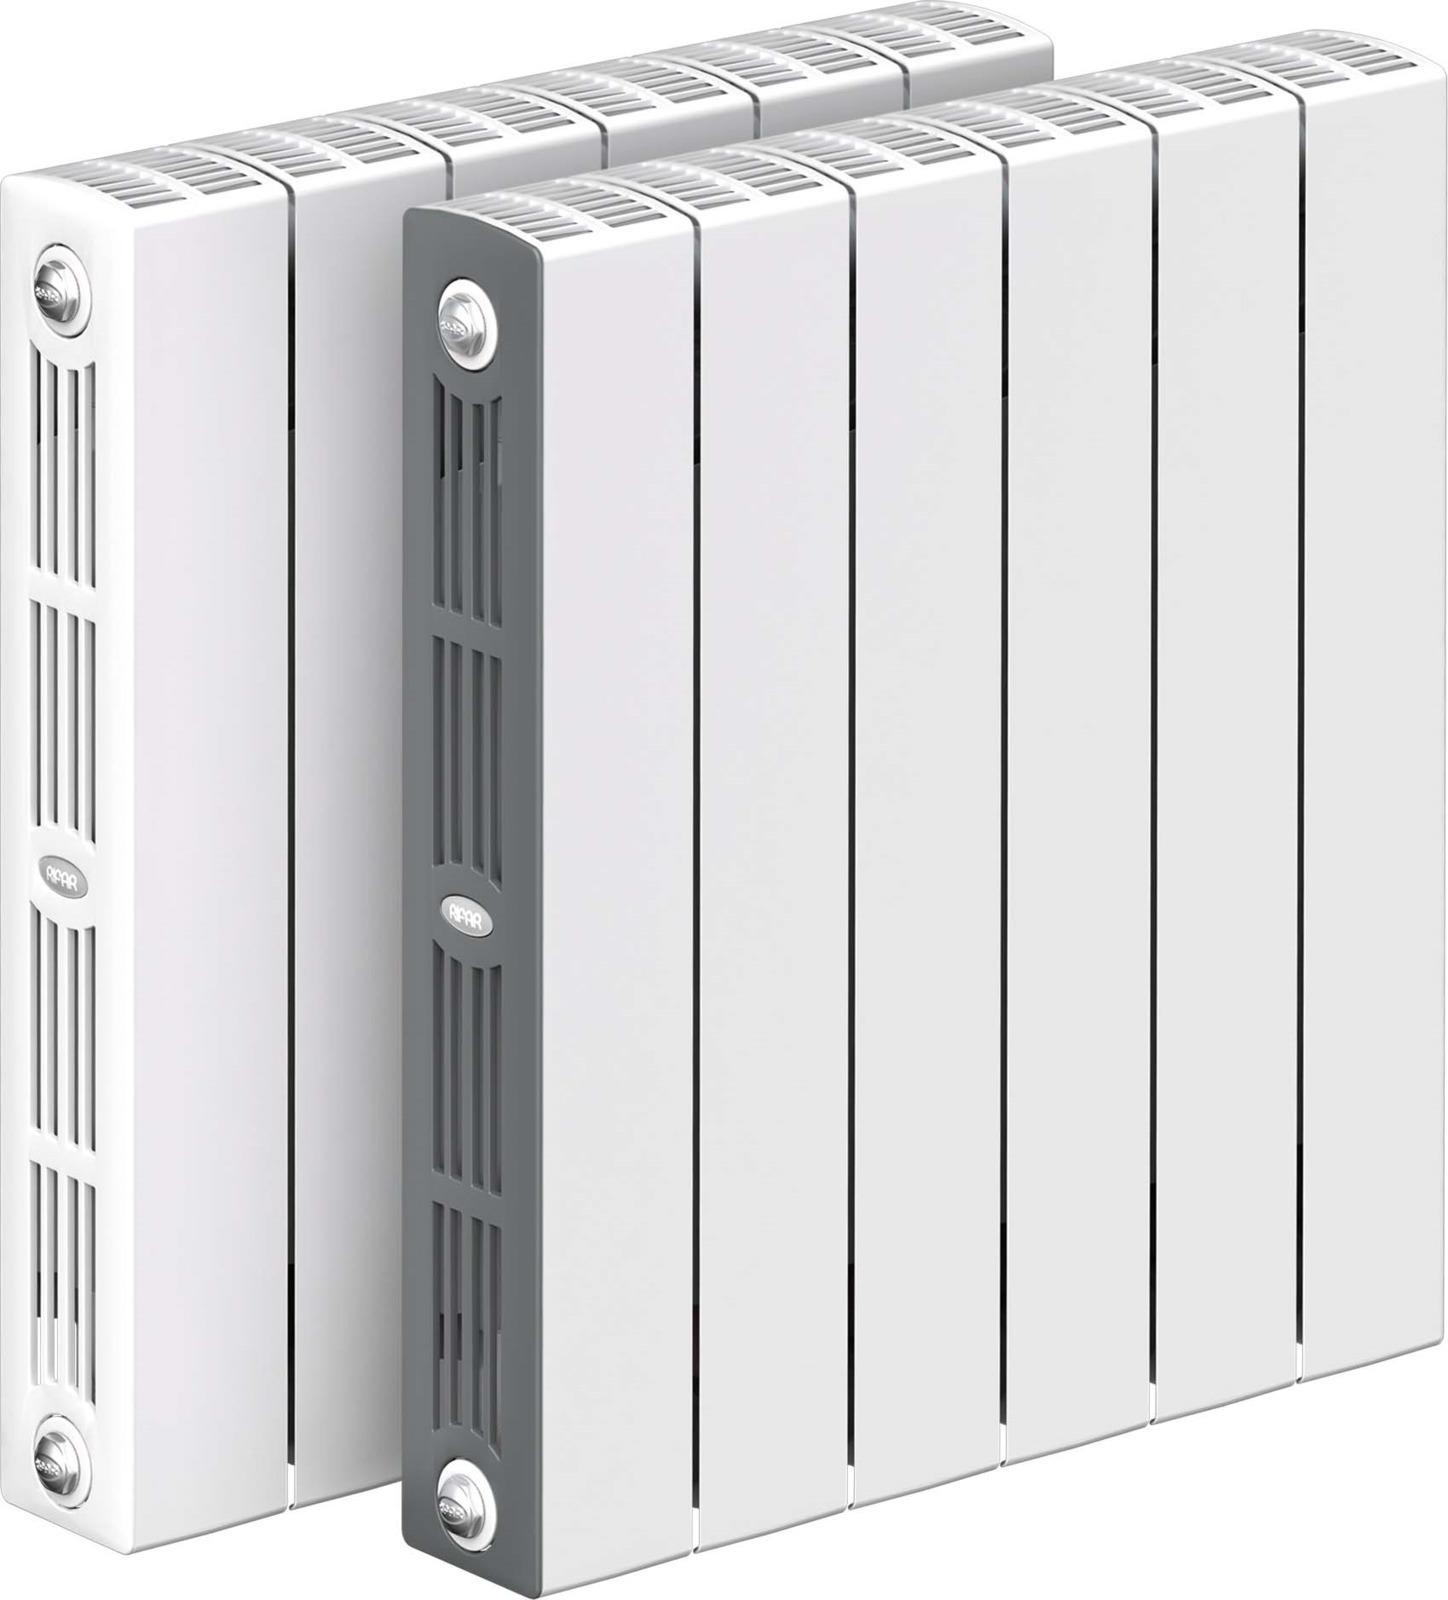 Секционный радиатор Rifar Supremo 350, биметаллический, RIFAR S 350-14, белый, 14 секций радиатор отопления rifar supremo 500 14 секций биметаллический боковое подключение